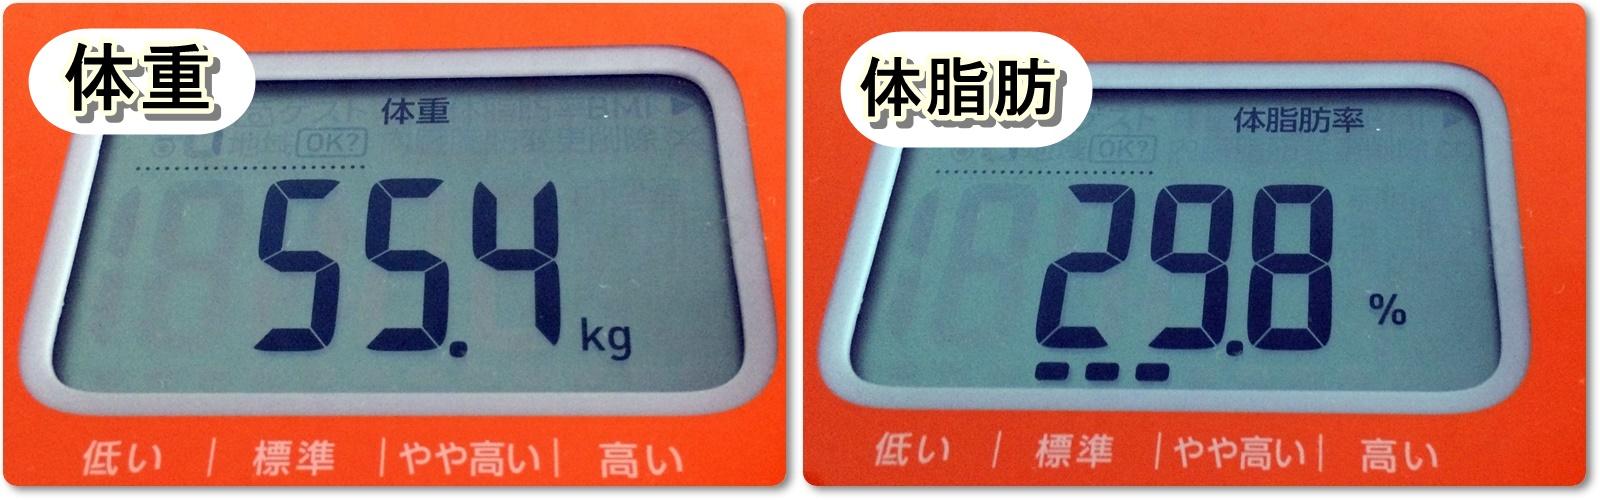 2014.02.14体重体脂肪